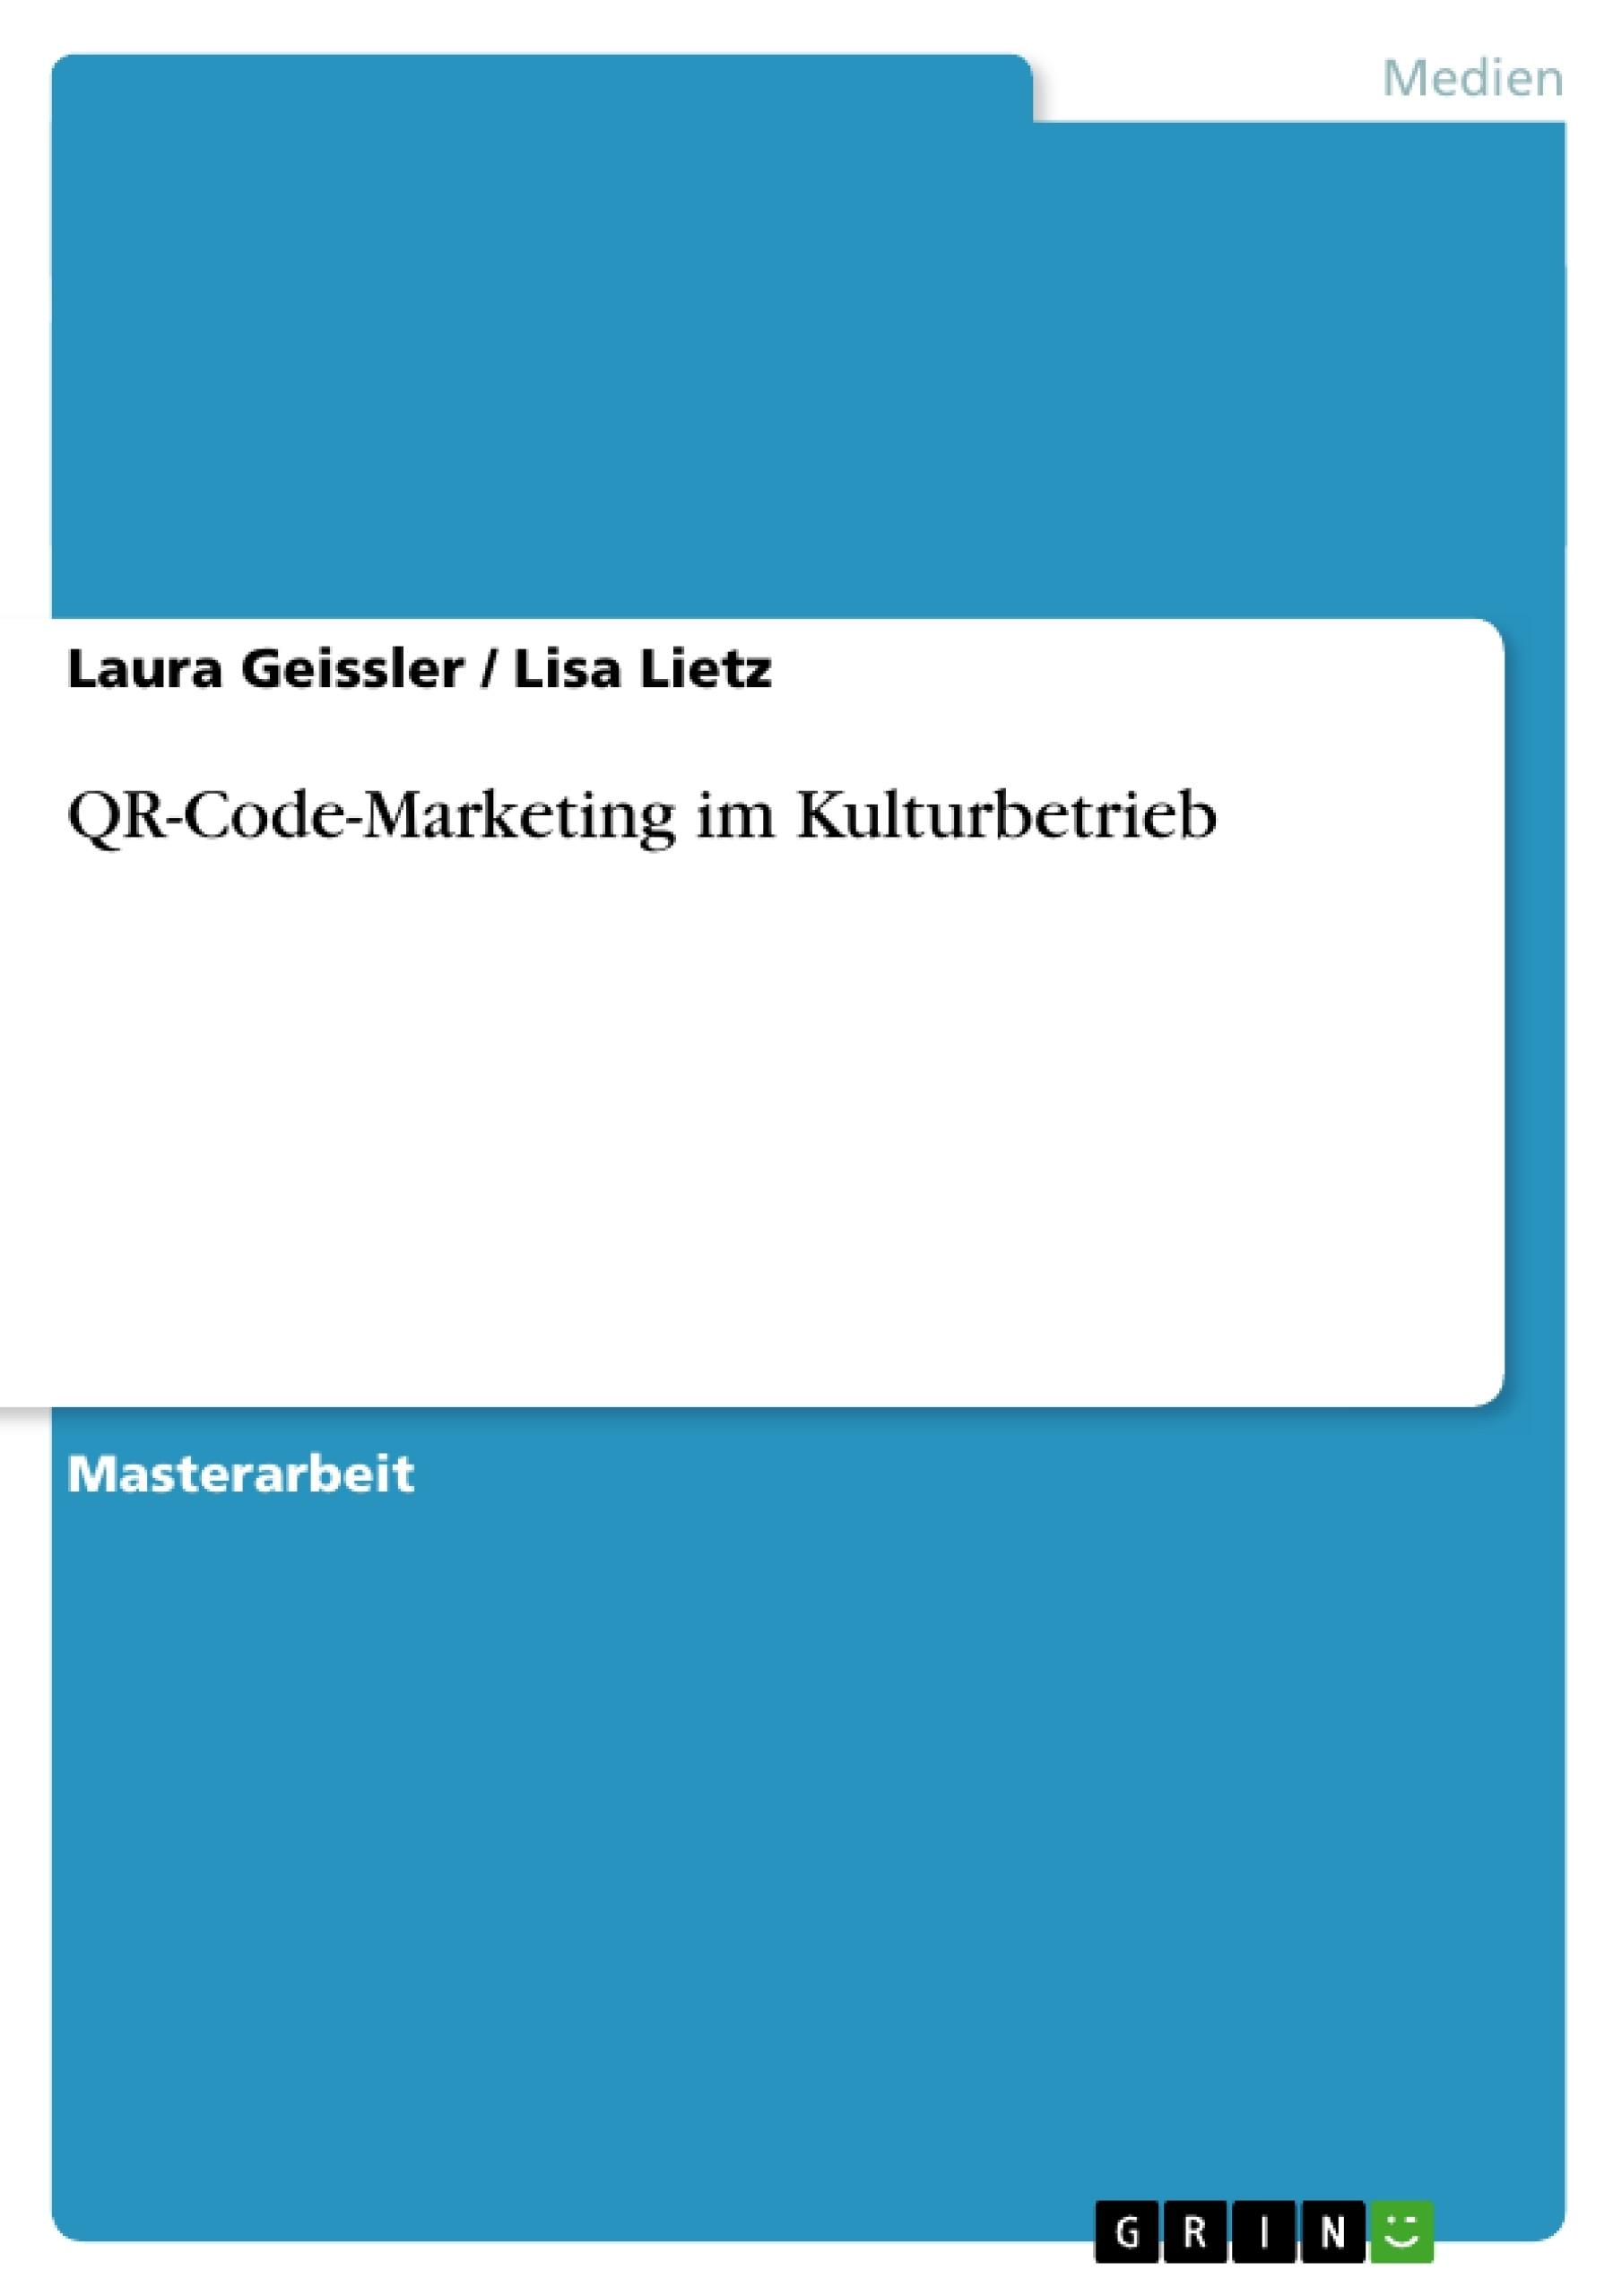 Titel: QR-Code-Marketing im Kulturbetrieb